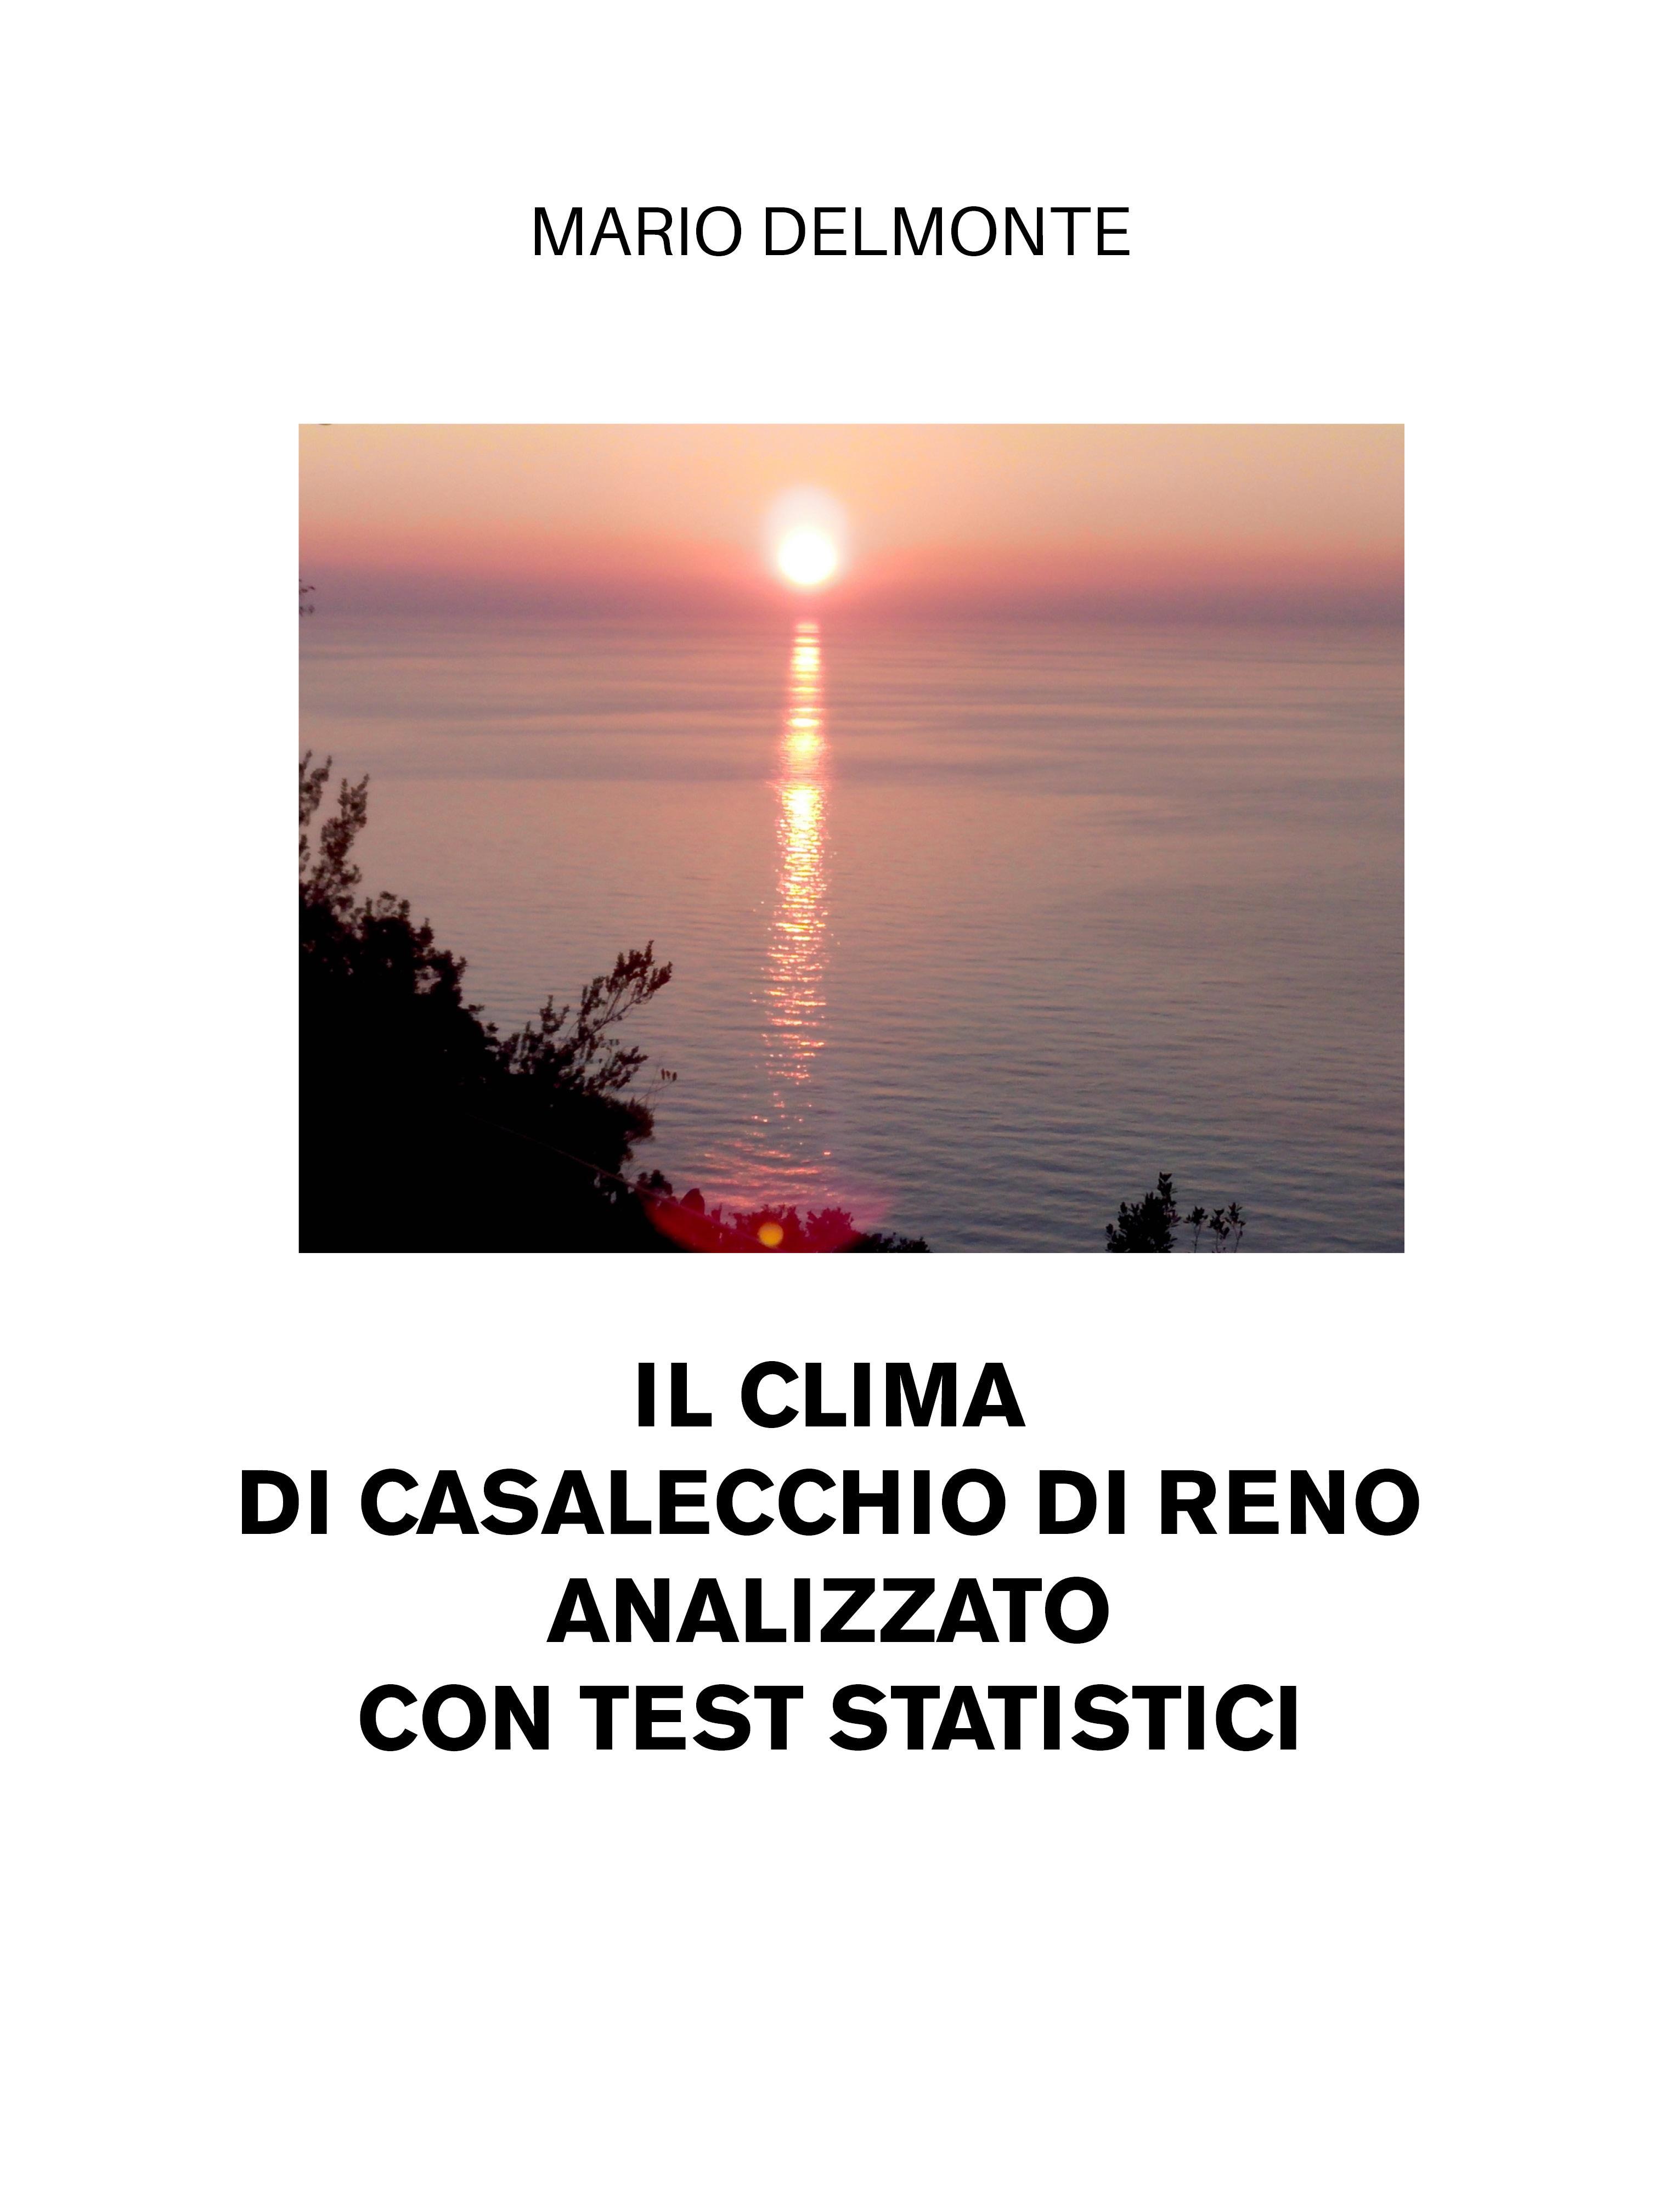 Il Clima Di Casalecchio Di Reno Analizzato Con Test Statistici